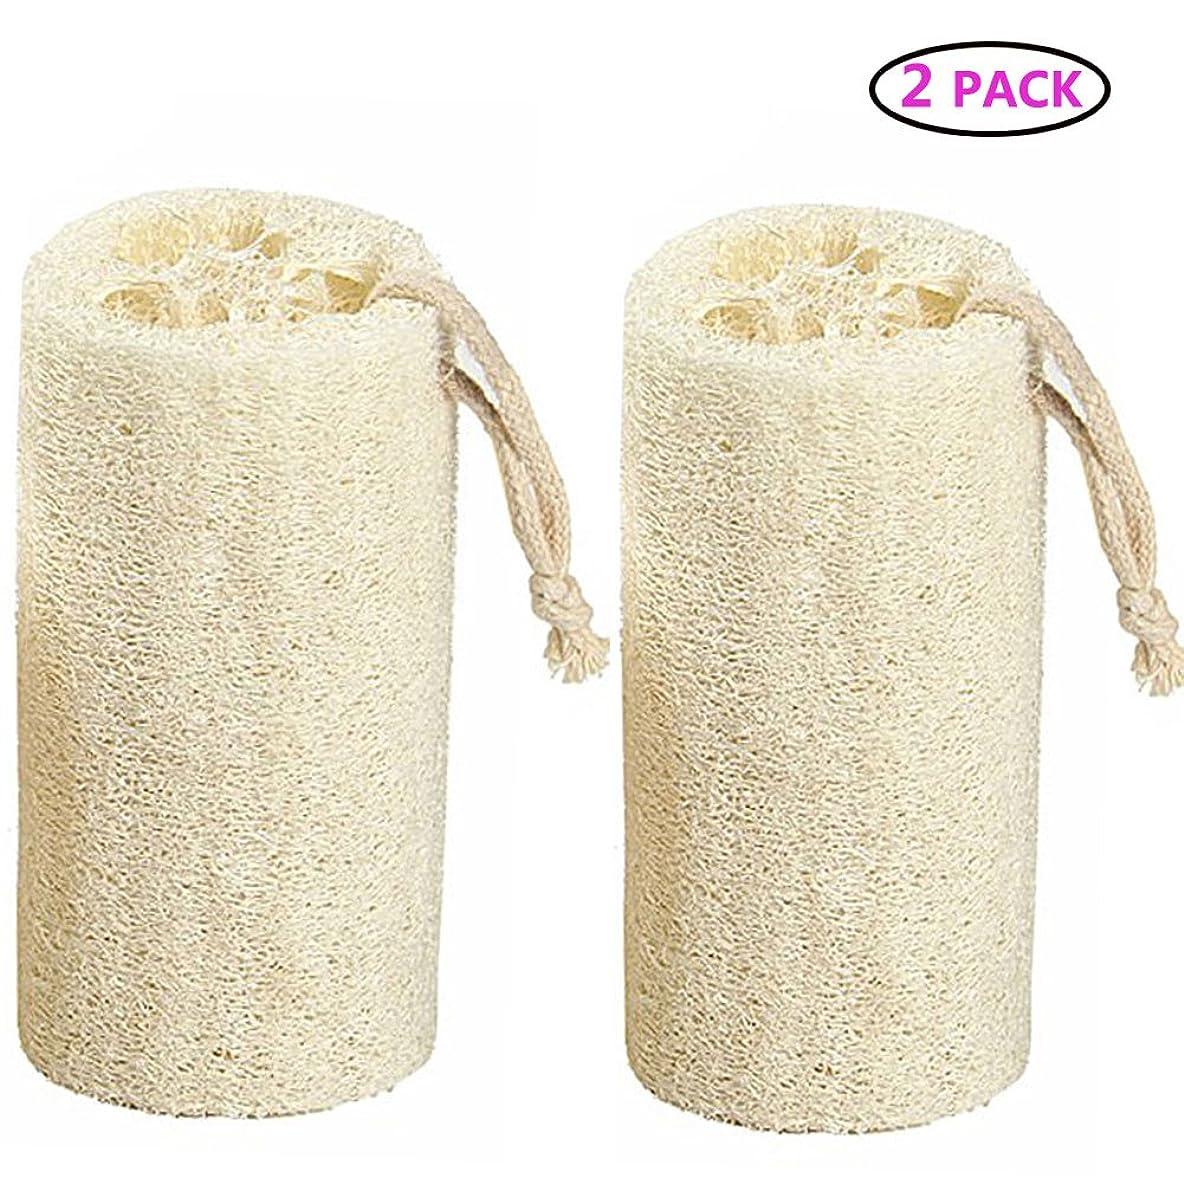 テレビ局姪海里Natural Loofah バスボディスポンジバスルームシャワーエクスフォレイティングスクラバーブラシボディスパマッサージャー 10cm (2 pack)